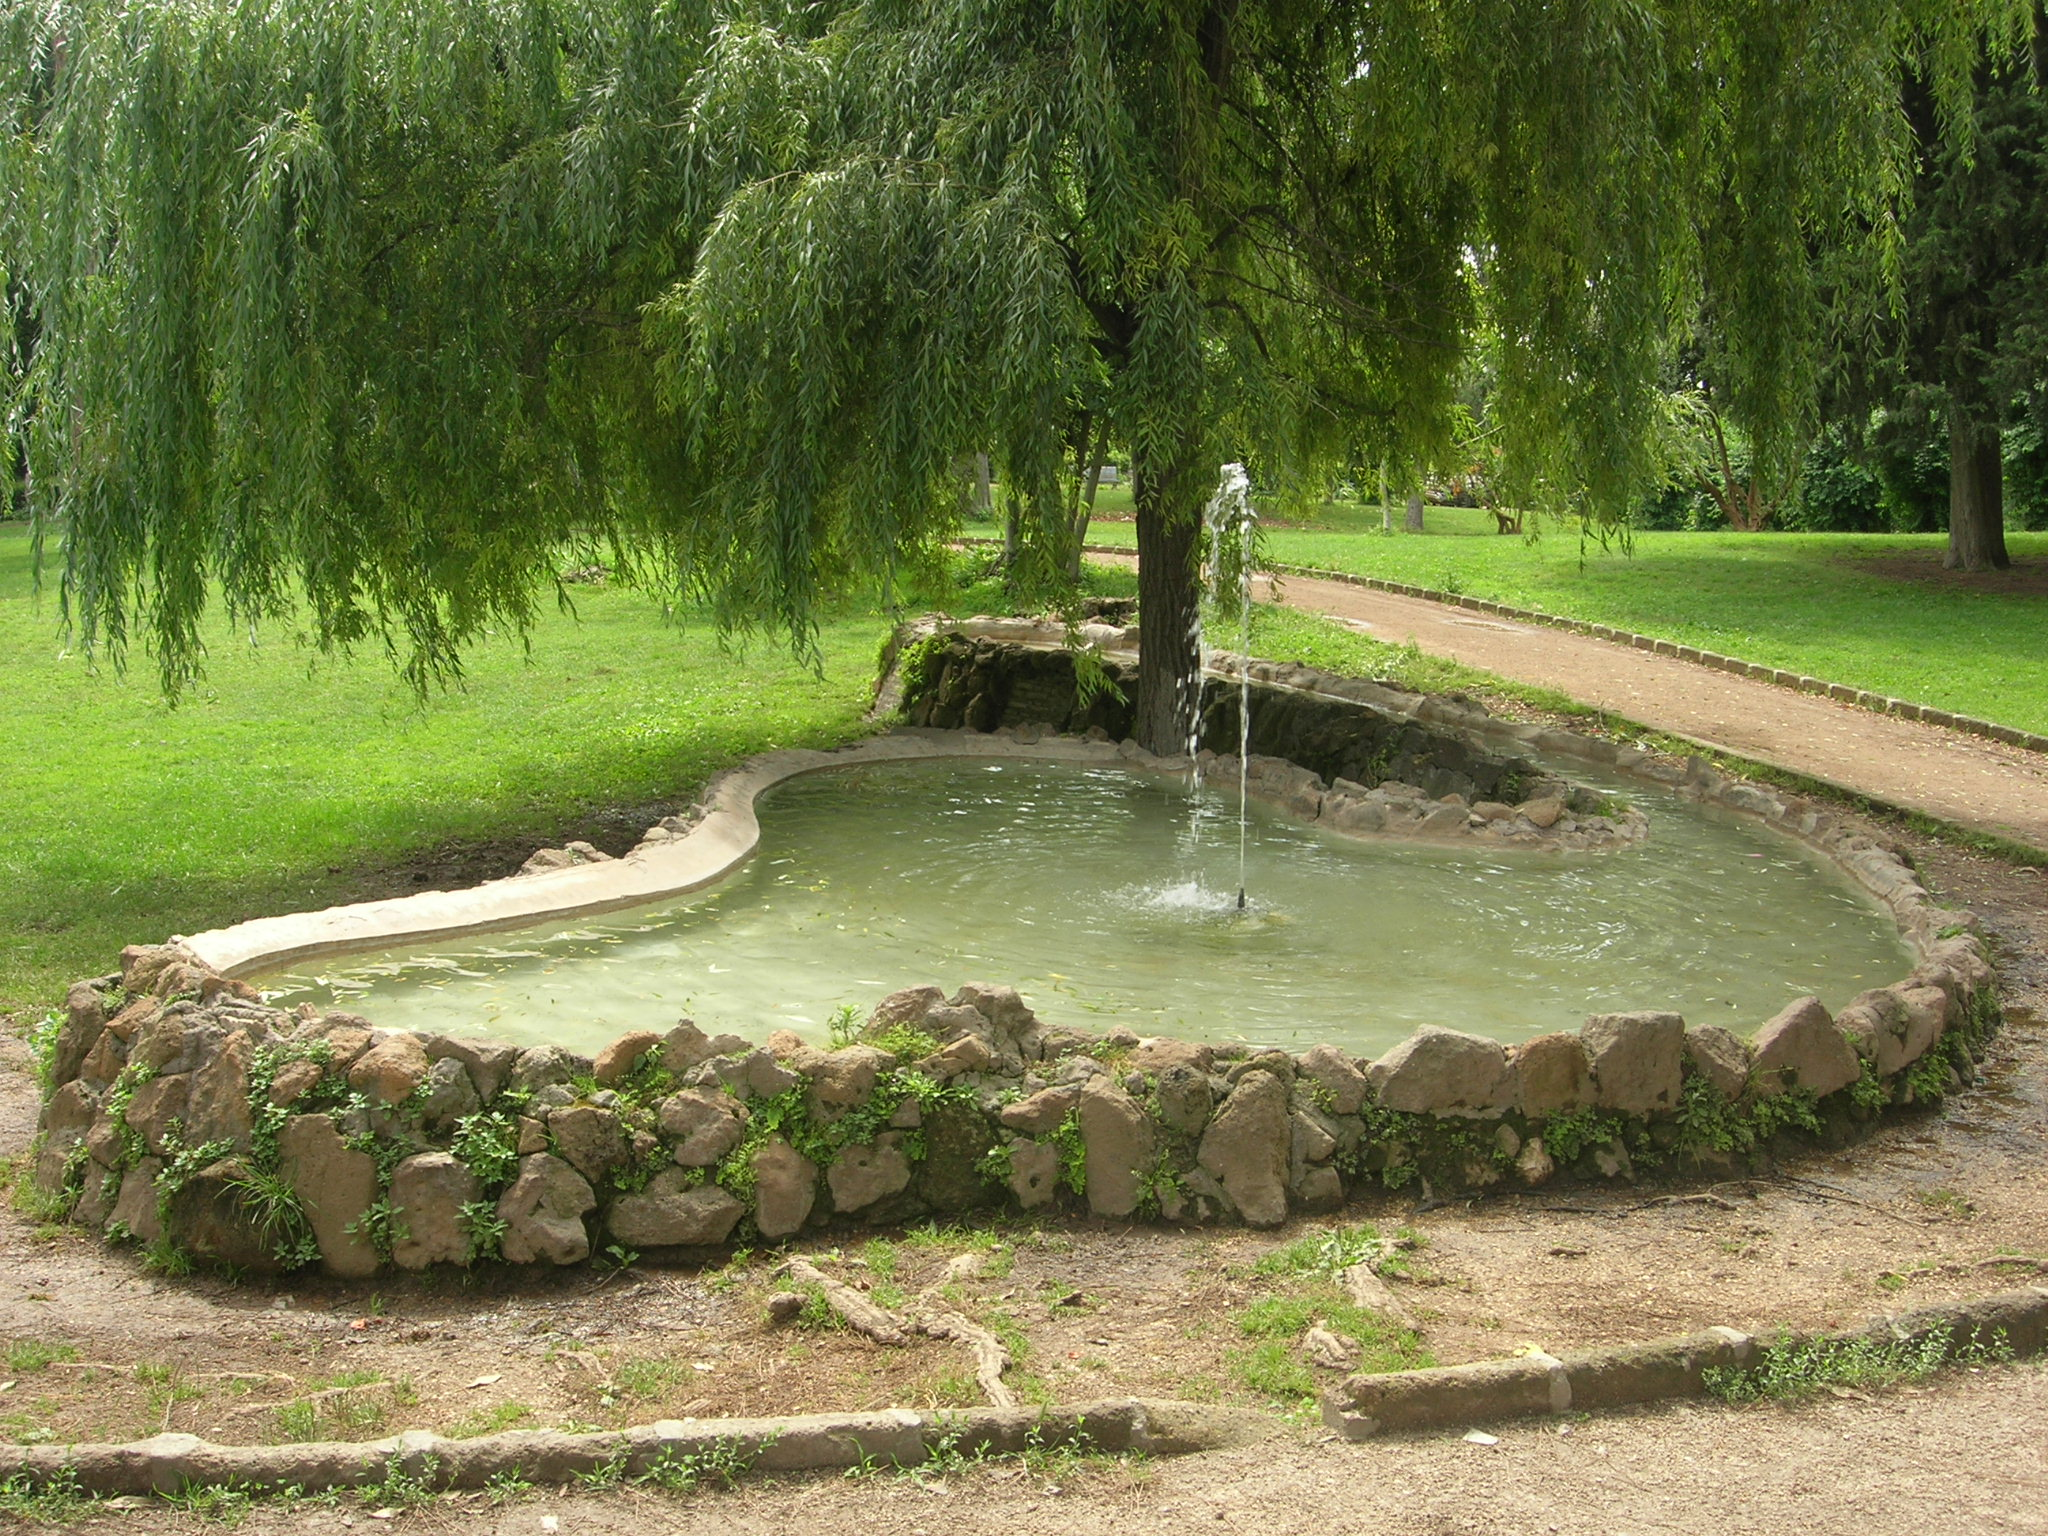 villa celimontana fontana a laghetto